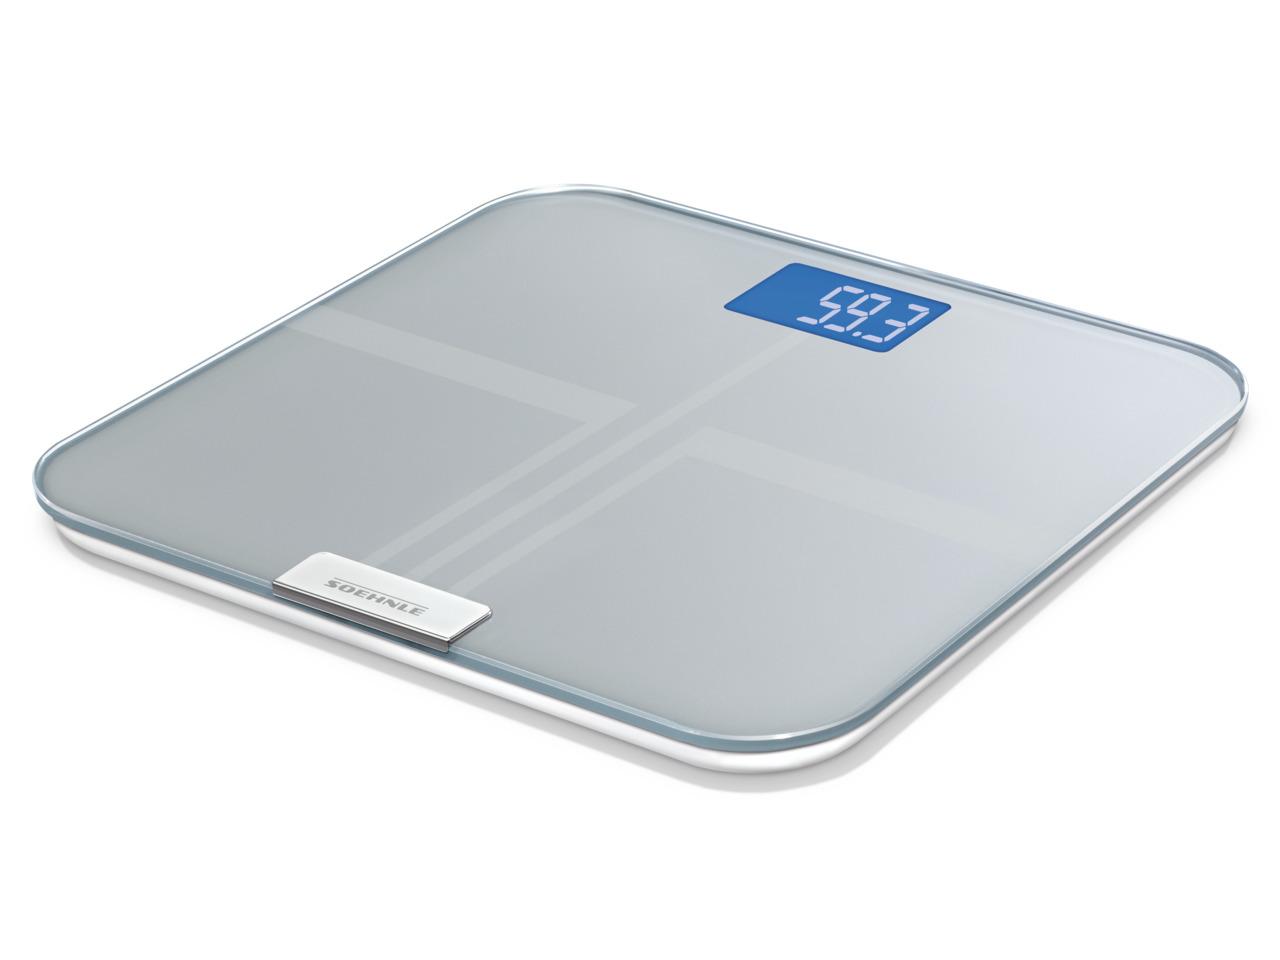 Soehnle Web Connect Analysis osobní váha - digitální, analytická SOEHNLE 63340